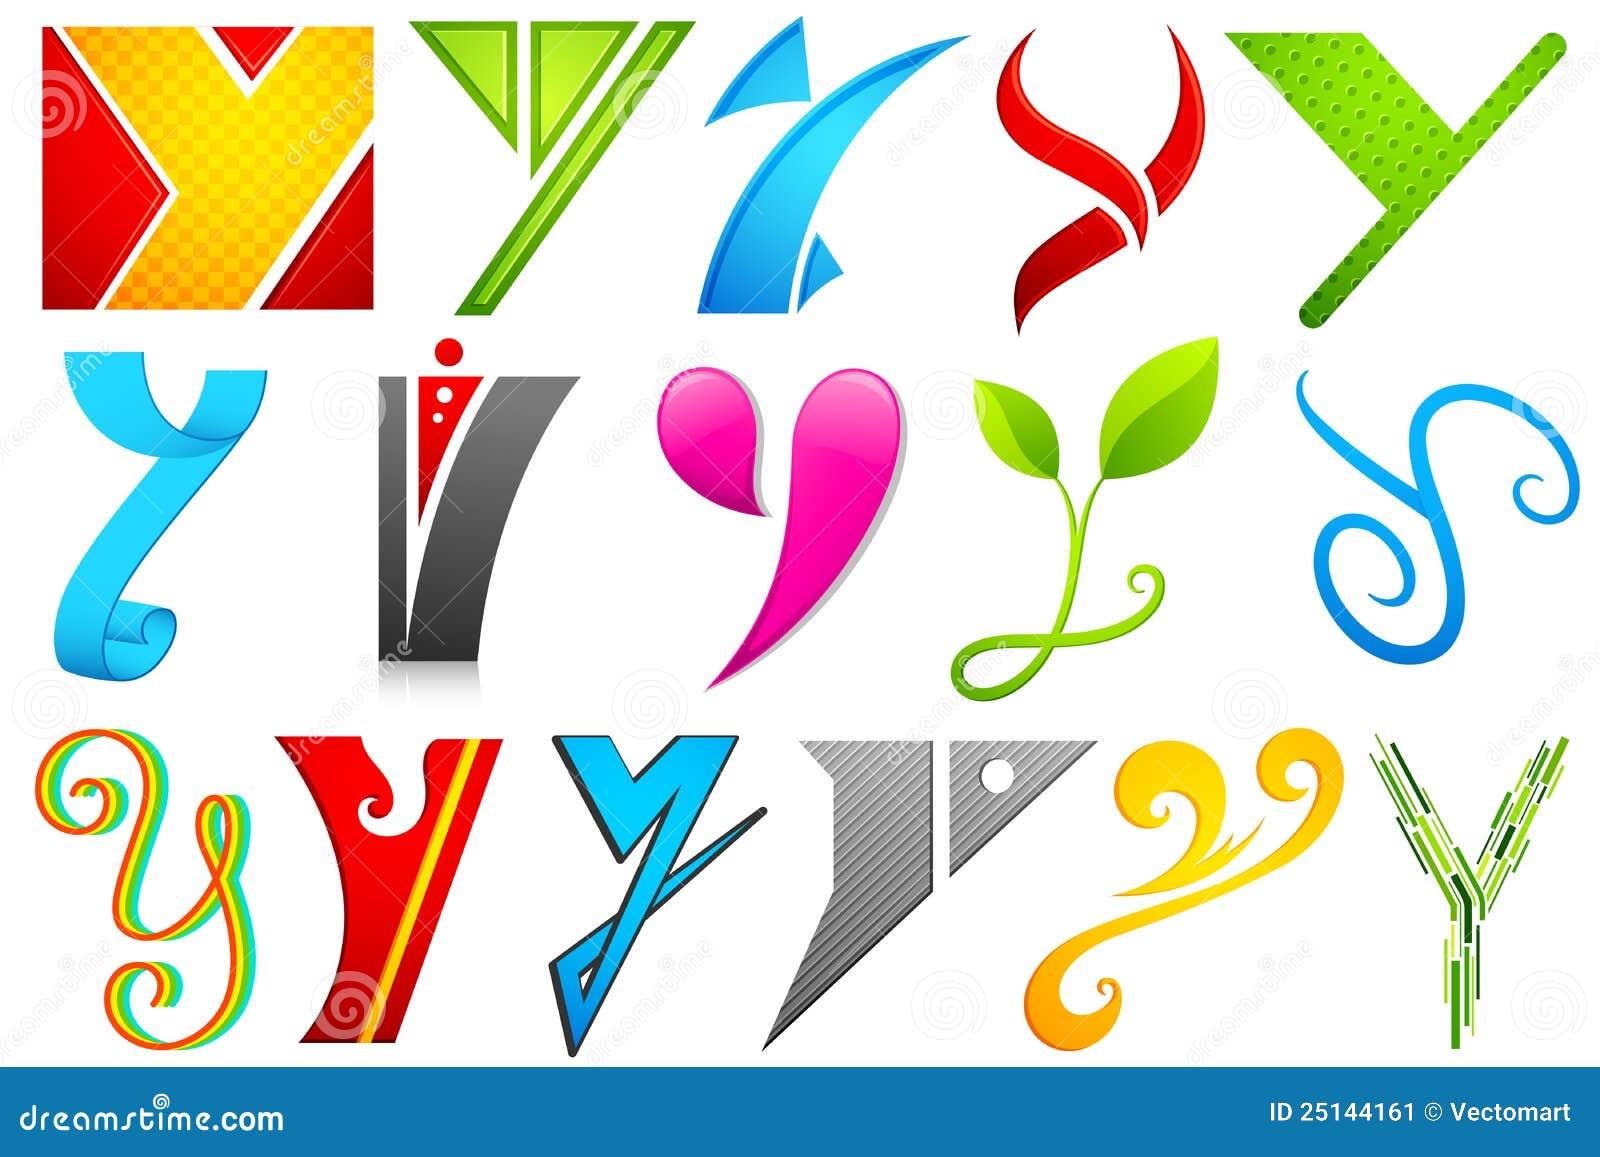 �9��yf��Y�_字母表五颜六色的另外图标例证集合y.